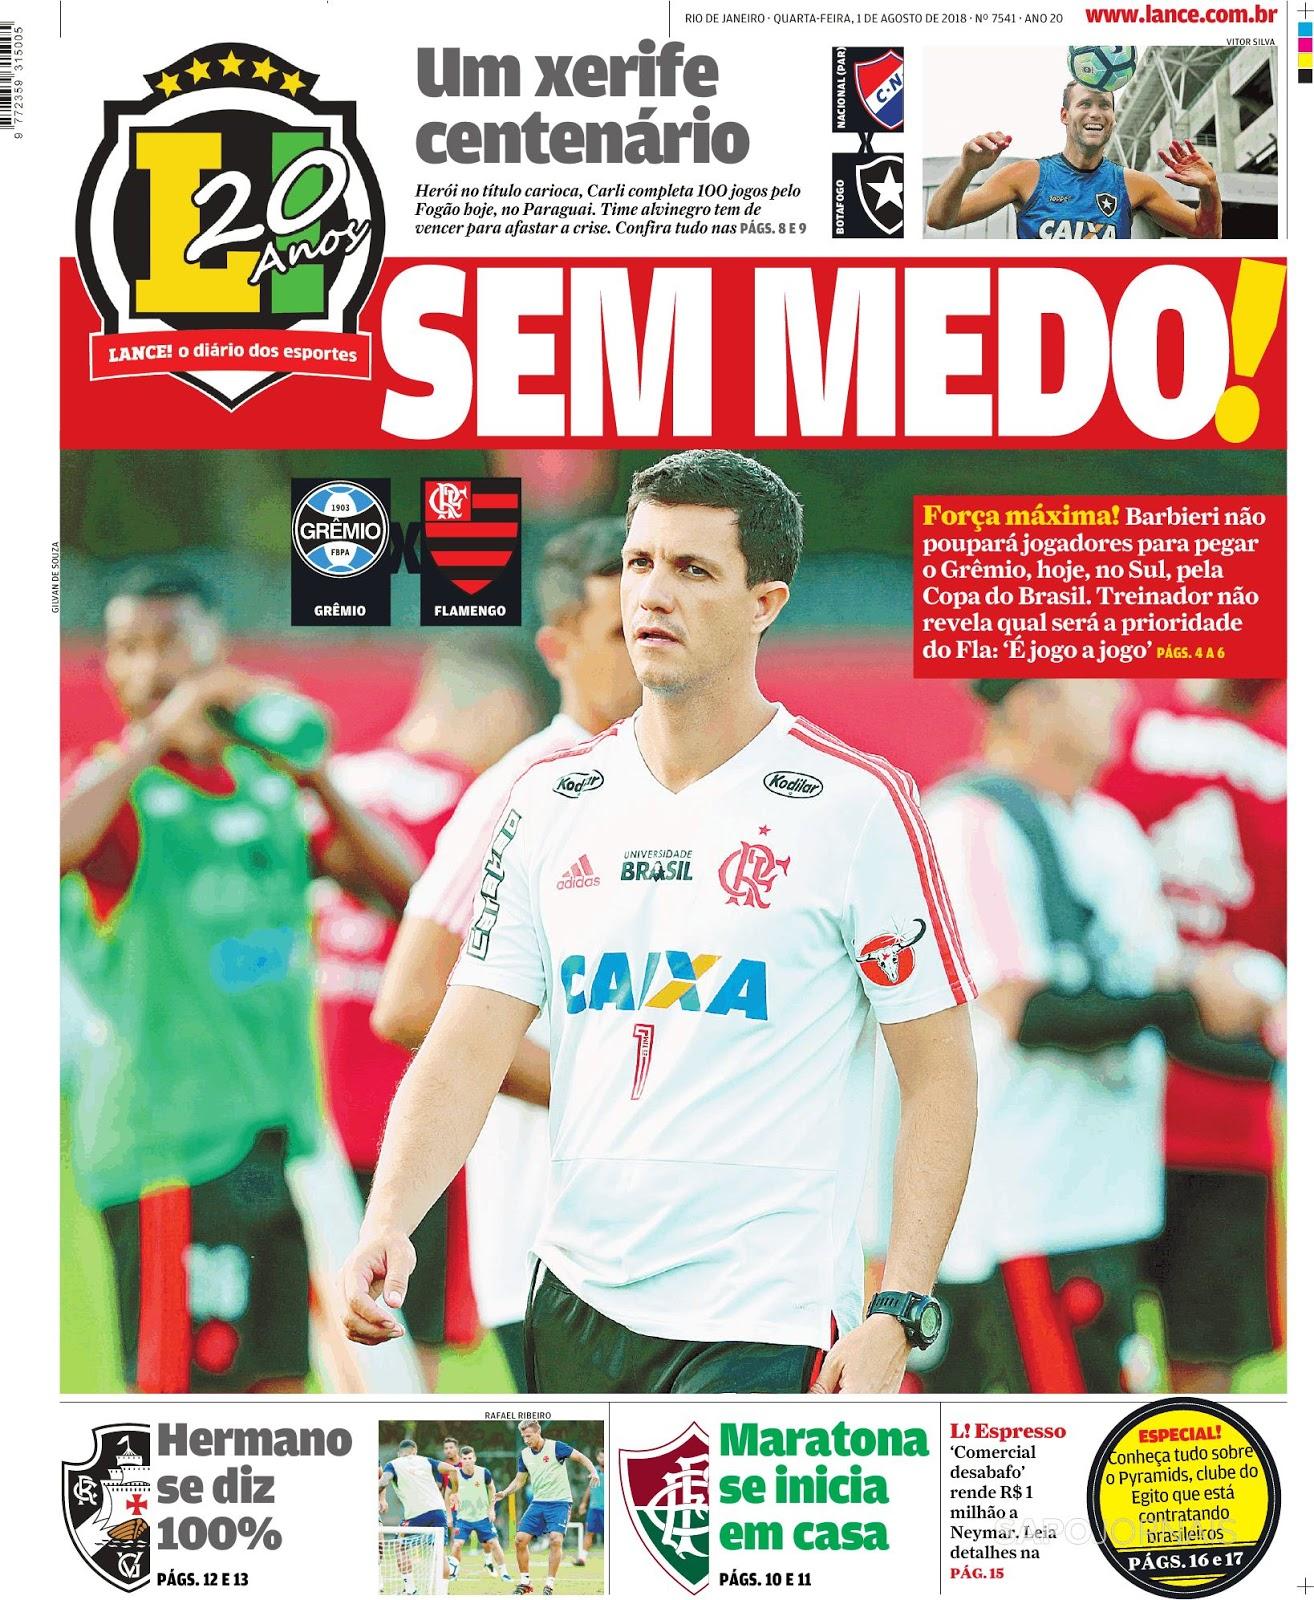 O Verdão chegou a um acordo com o Milan nesta terça-feira e terá o zagueiro  paraguaio Gustavo Gómez por empréstimo de um ano. O atleta de 25 anos chega  hoje ... d875fe3921ca6